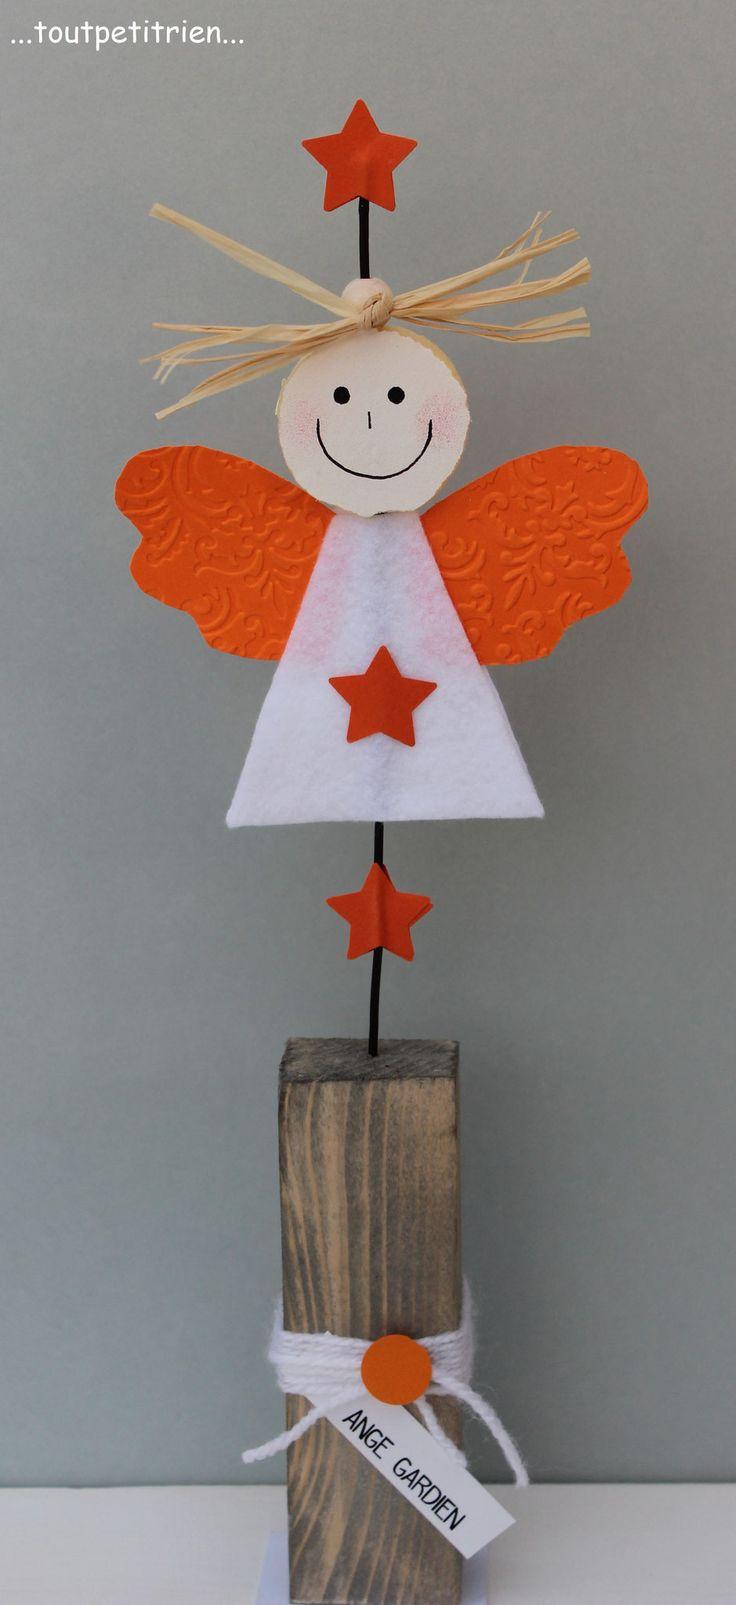 #bricolage #enfants #noel. Un ange gardien en feutrine et papier cartonné. Le visage est découpé à l'aide d'un emporte-pièce dans du sajex compressé. www.toutpetitrien.ch/bricos/ - fleurysylvie